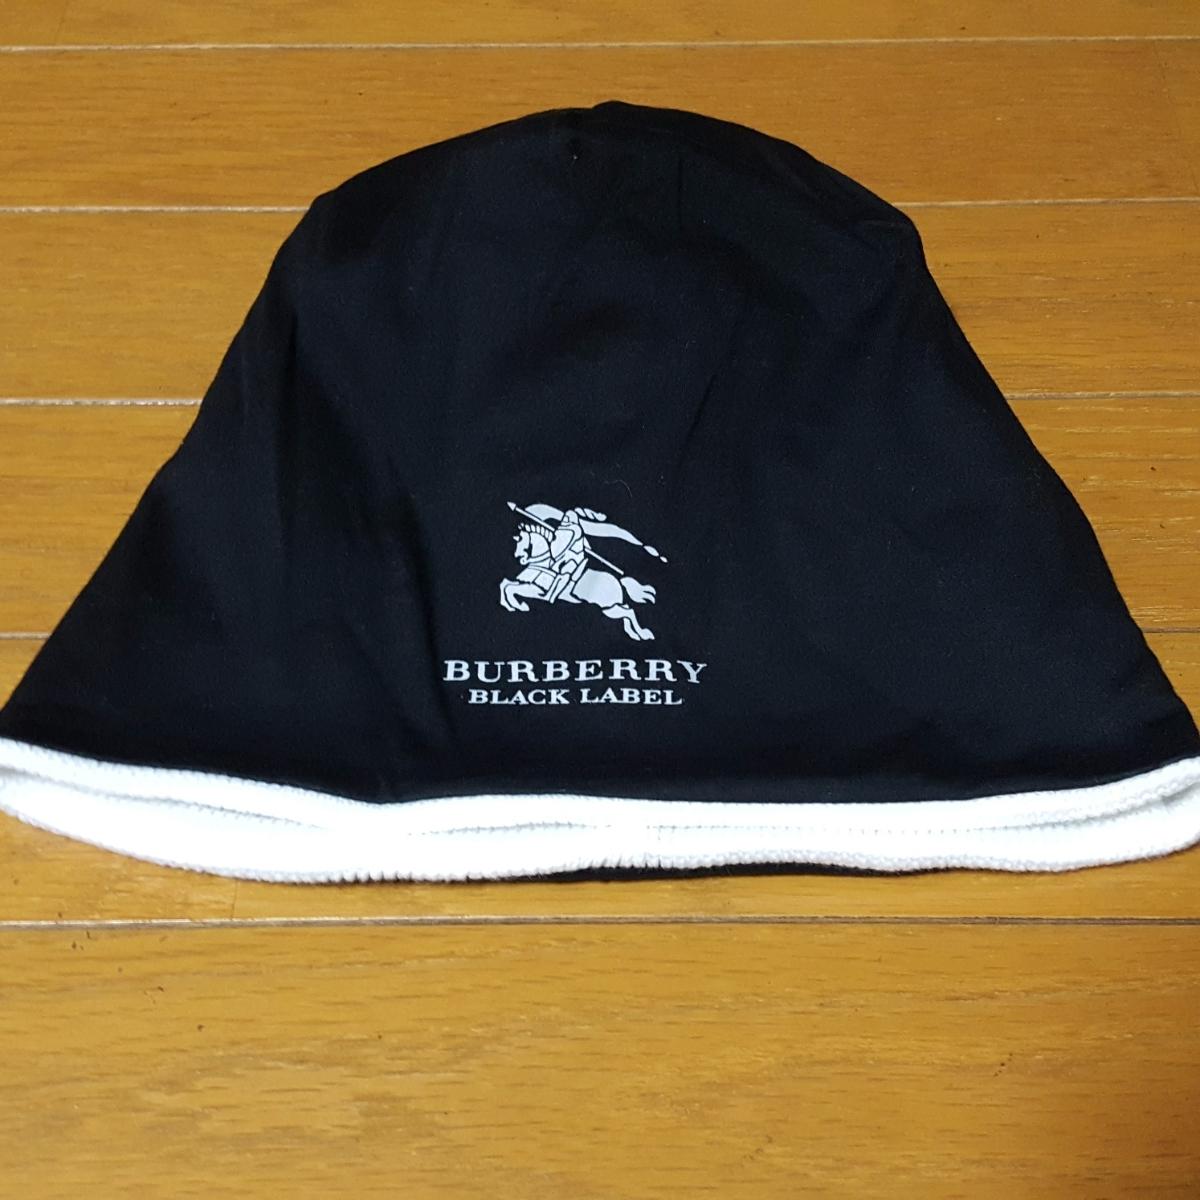 未使用品・超人気 バーバリーブラックレーベル ホース・ブランド文字ロゴ ブラック×ボーダー リバーシブル ニット帽 ビーニー